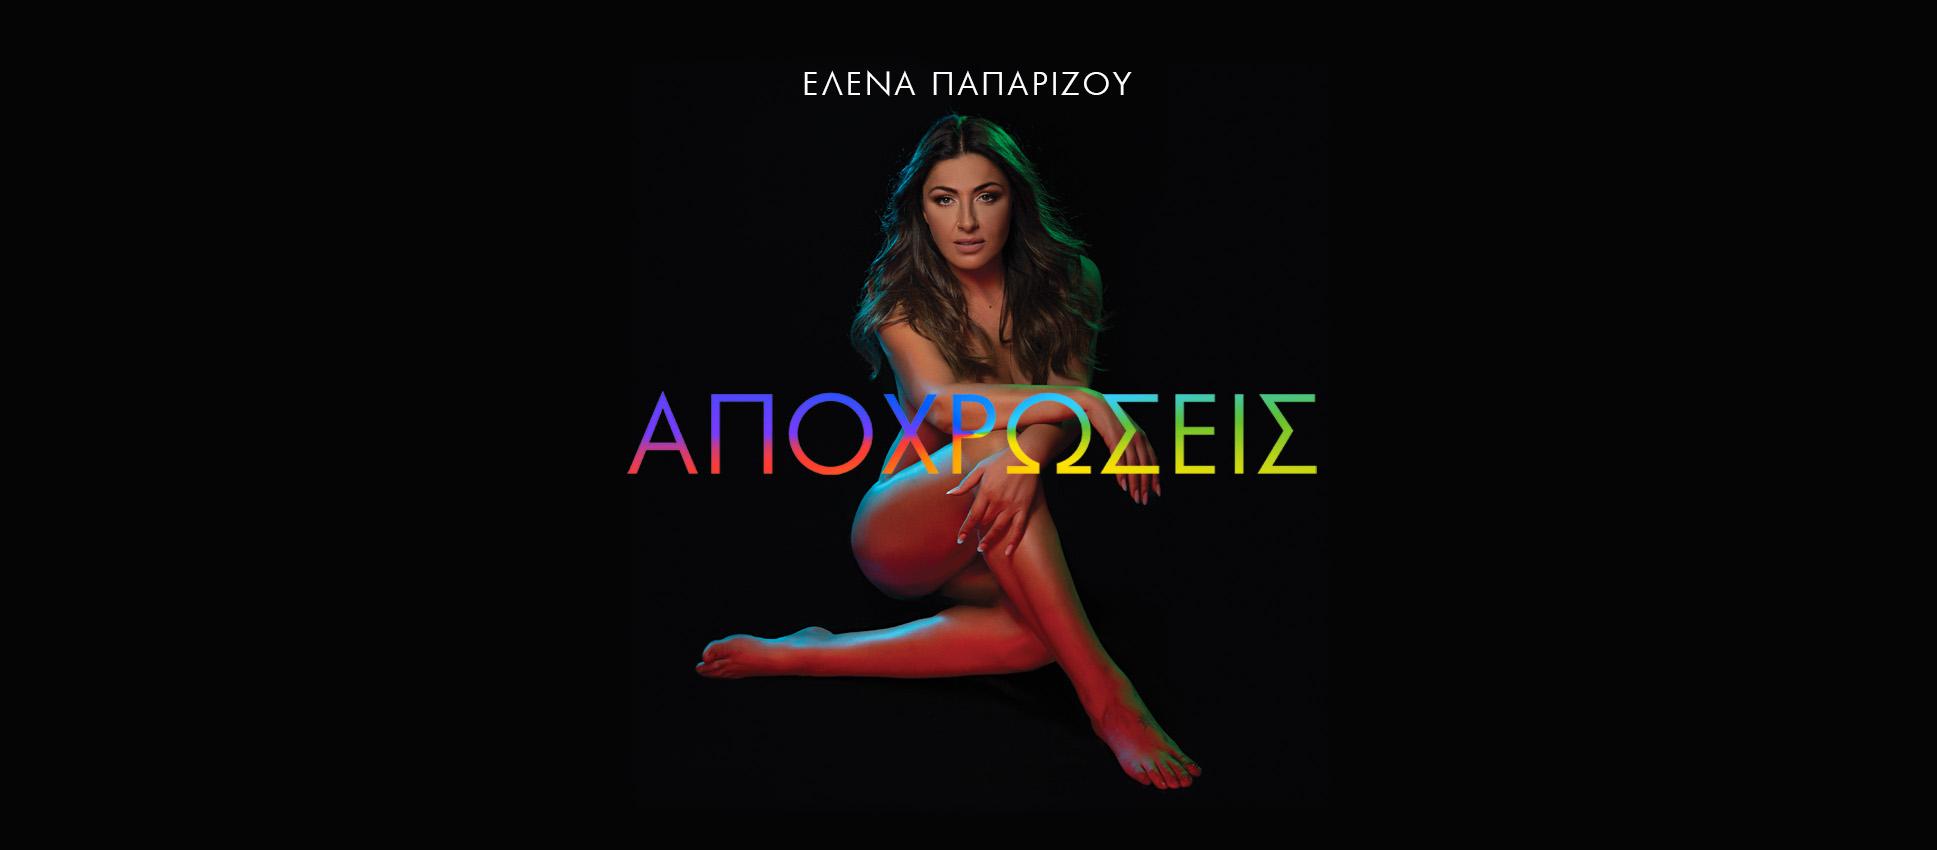 Έλενα Παπαρίζου: Το νέο album «Αποχρώσεις» κυκλοφορεί στις 29 Ιανουαρίου!